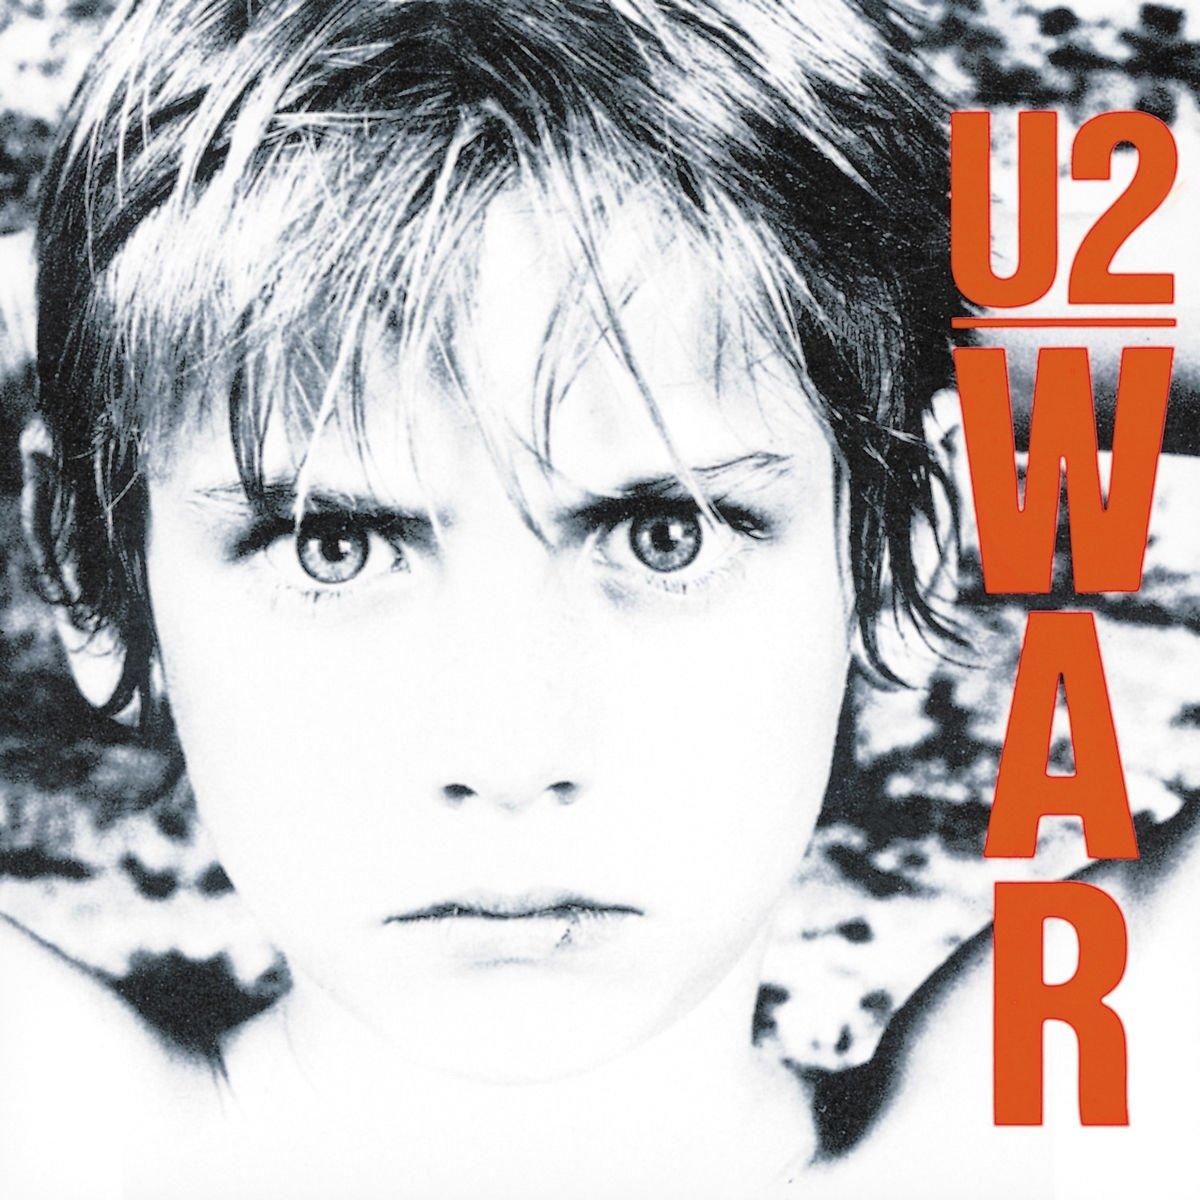 War : U2, U2: Amazon.es: Música